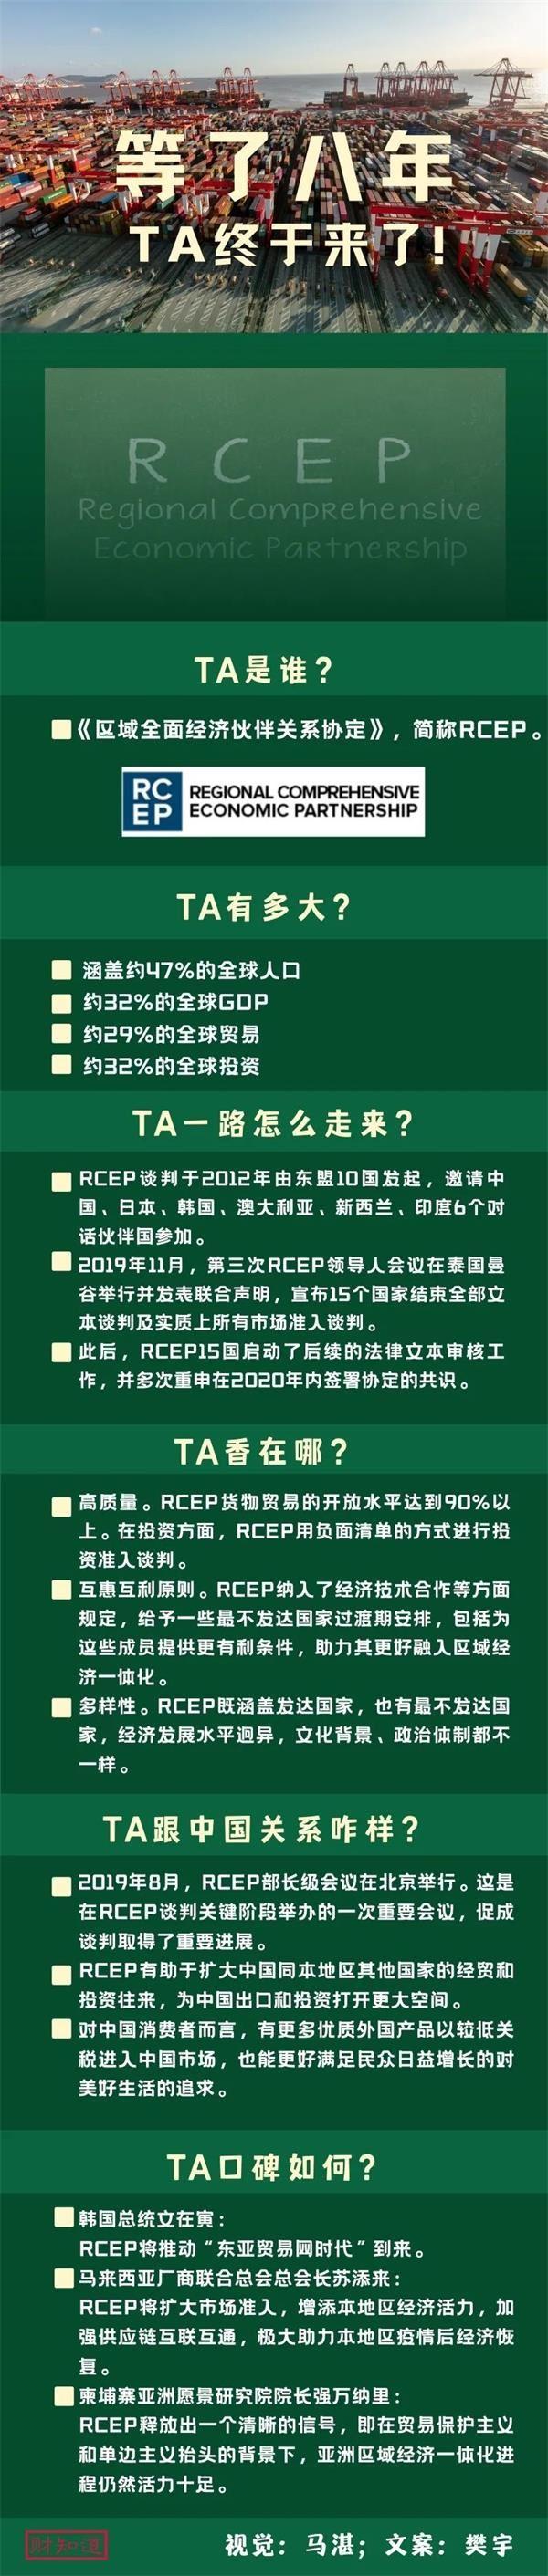 中国以90%的商品或者零关税进入世界最大的自贸区经贸圈会有什么影响?